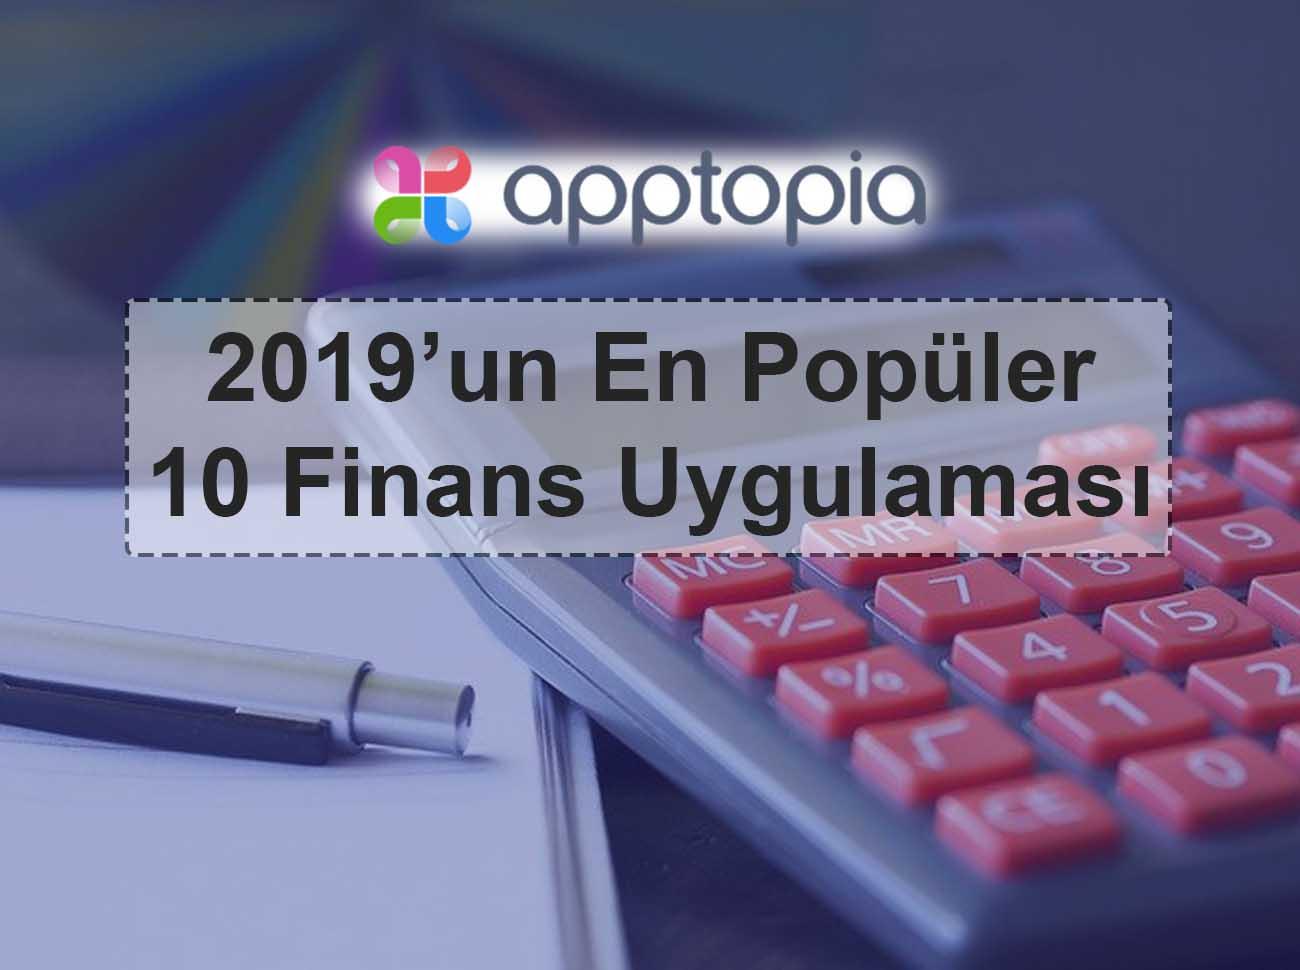 2019'un En Popüler 10 Finans Uygulaması